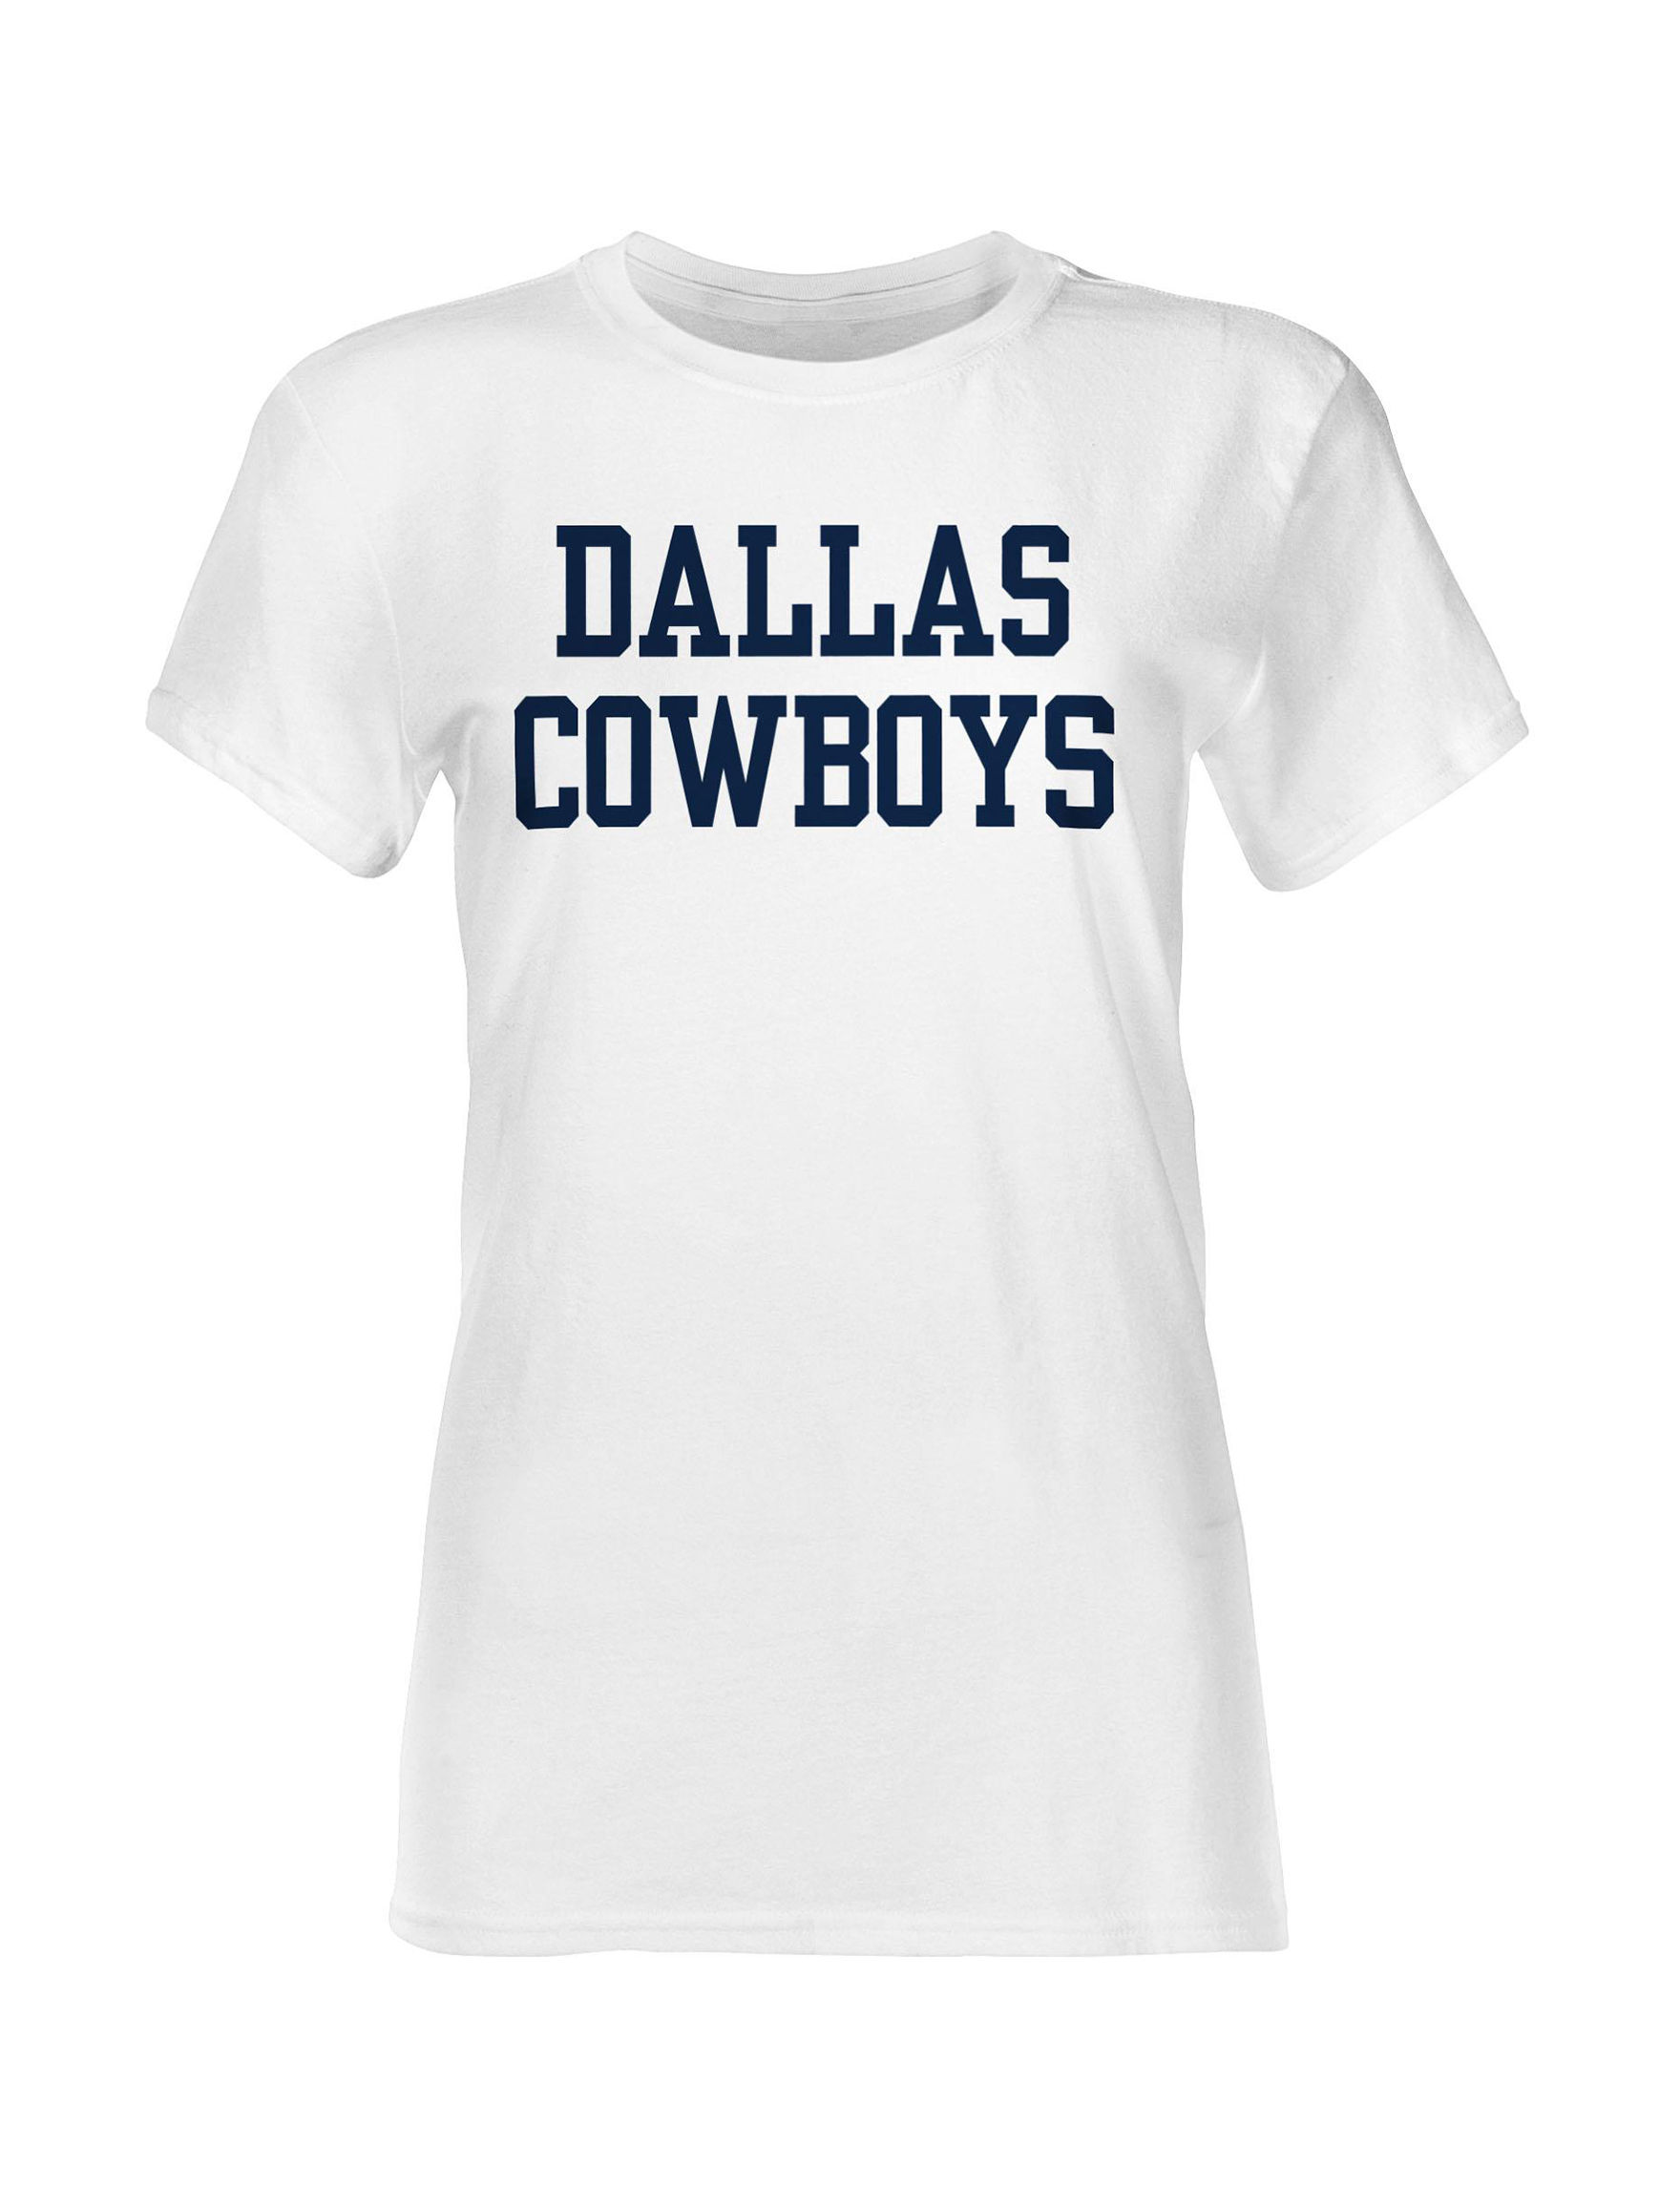 NFL White Shirts & Blouses Tees & Tanks NFL